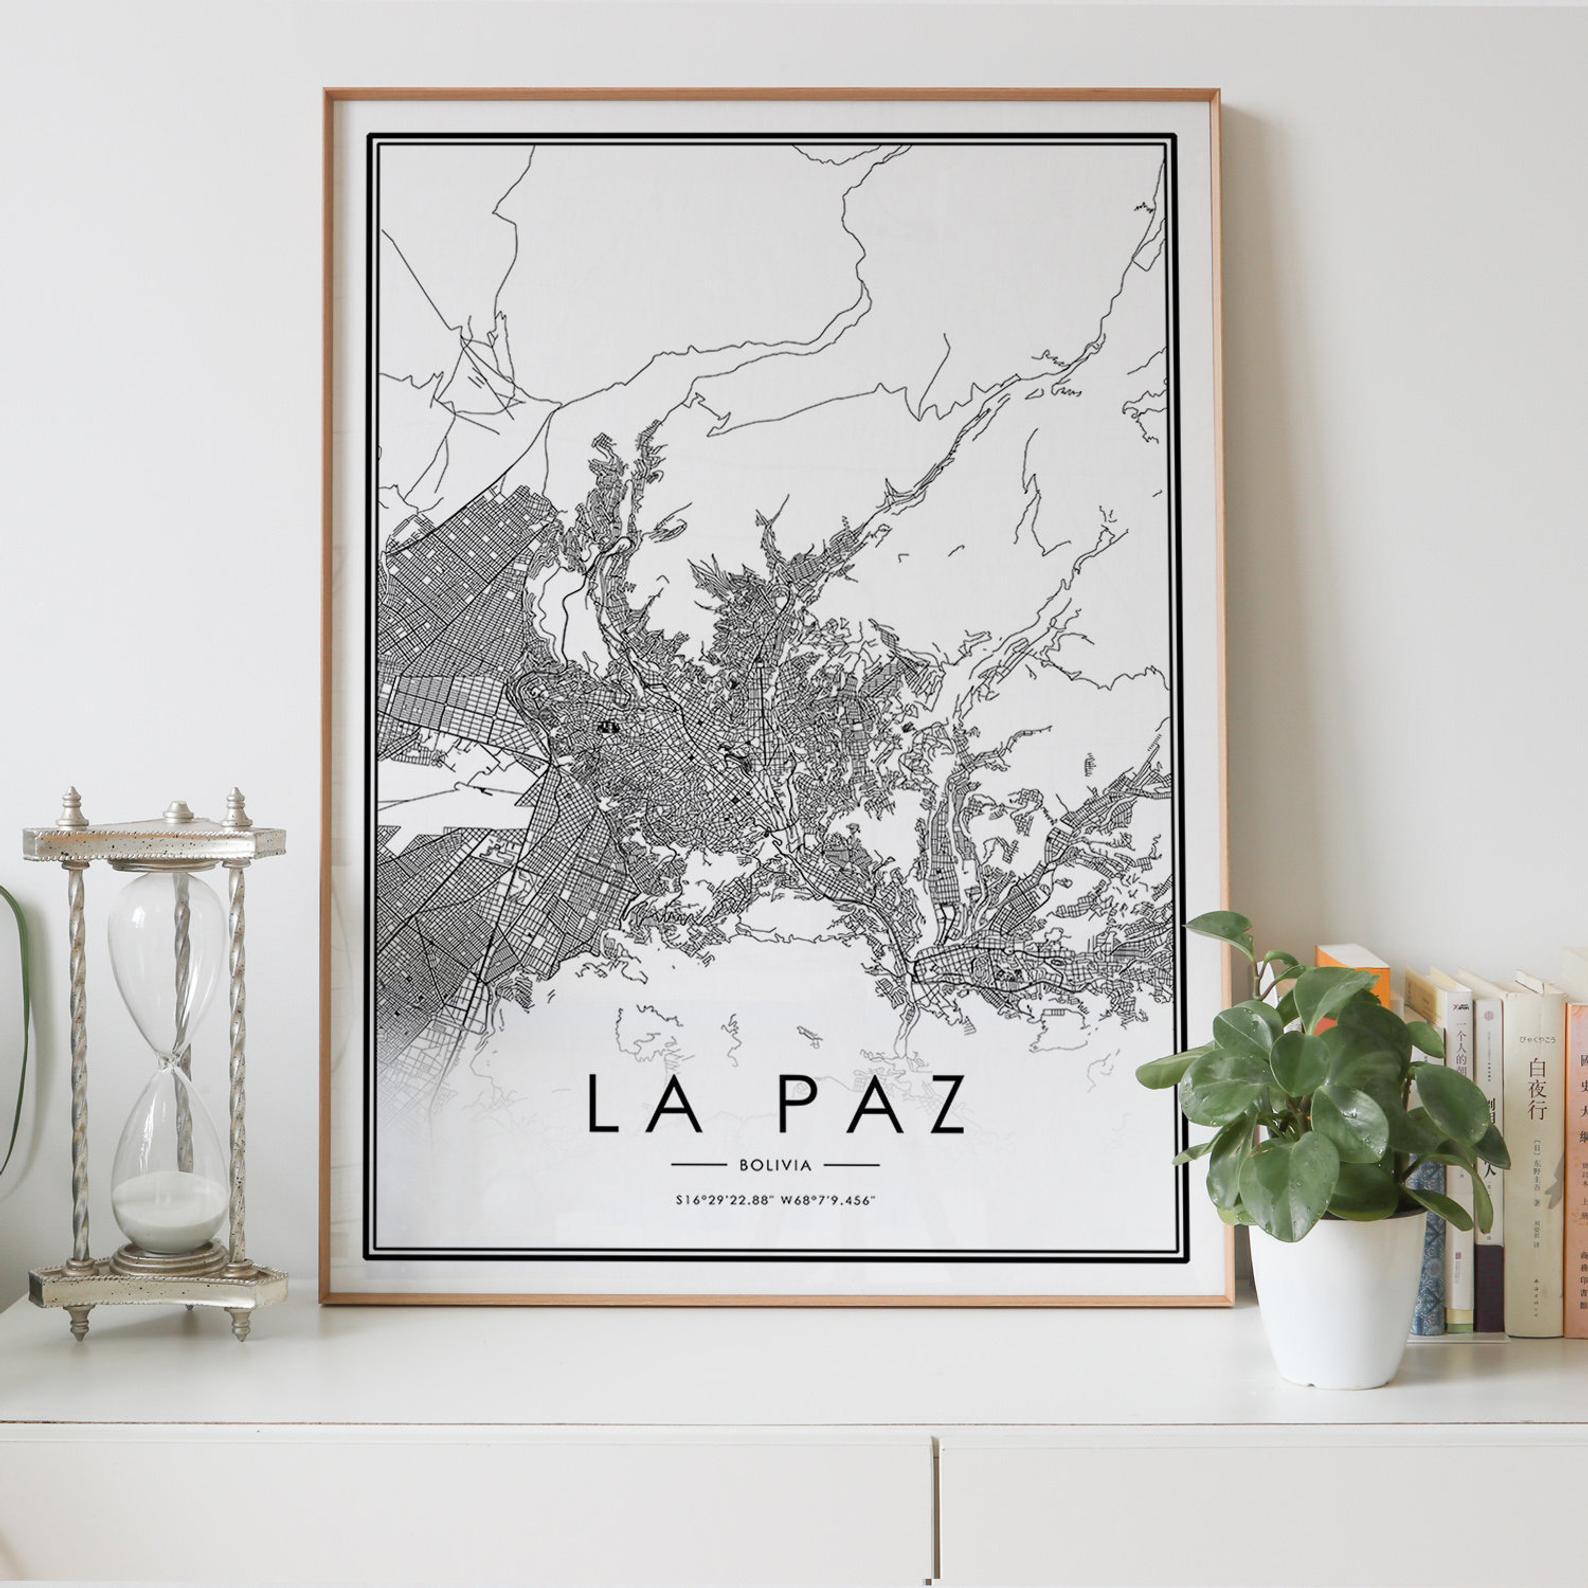 La paz mapa da cidade nordic sala de estar decoração cartaz da lona moderna casa decoração arte impressão pintura